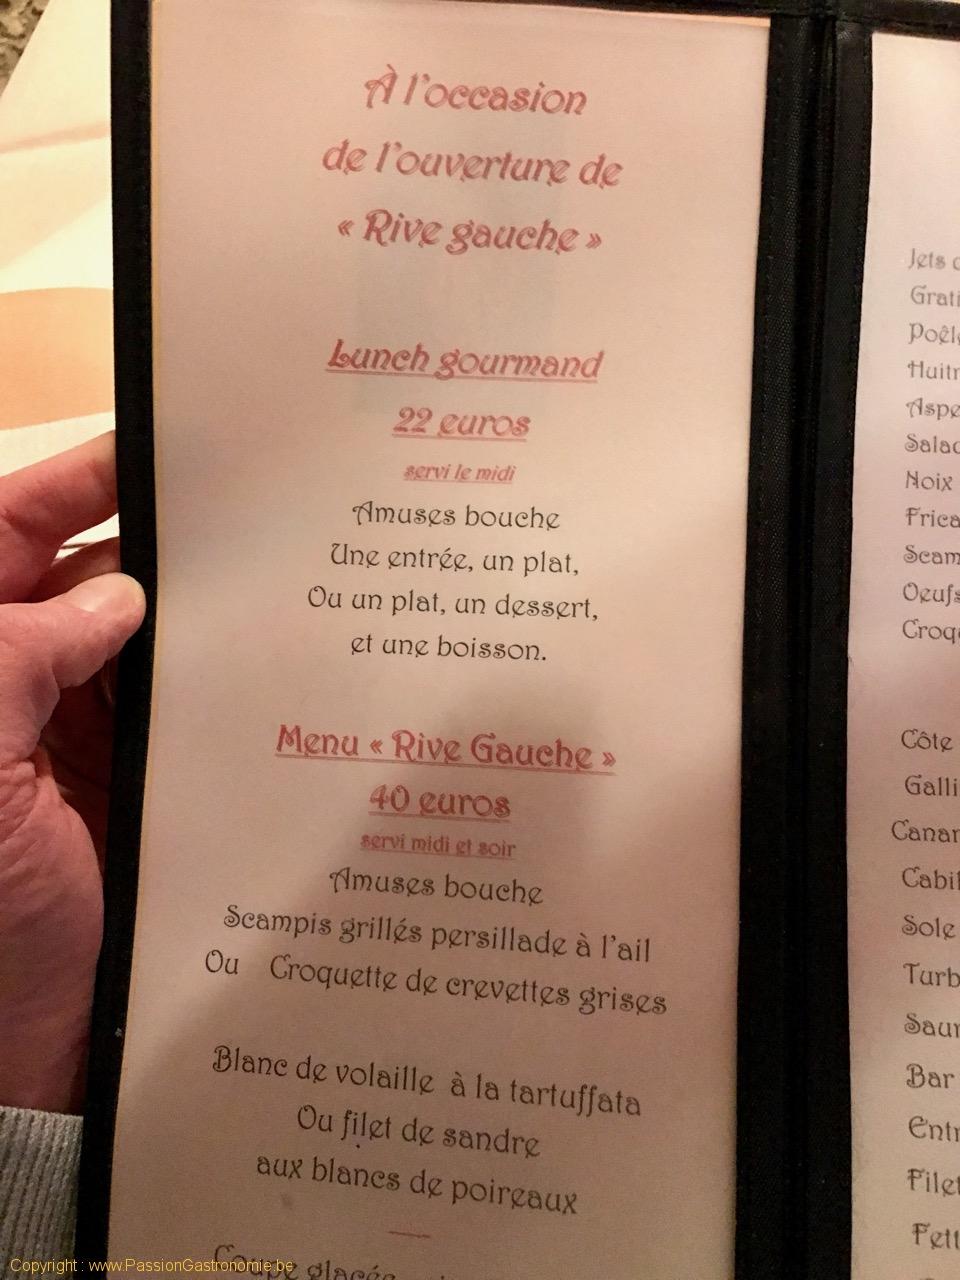 Restaurant Au Provencal - Menu Rive Gauche et lunch